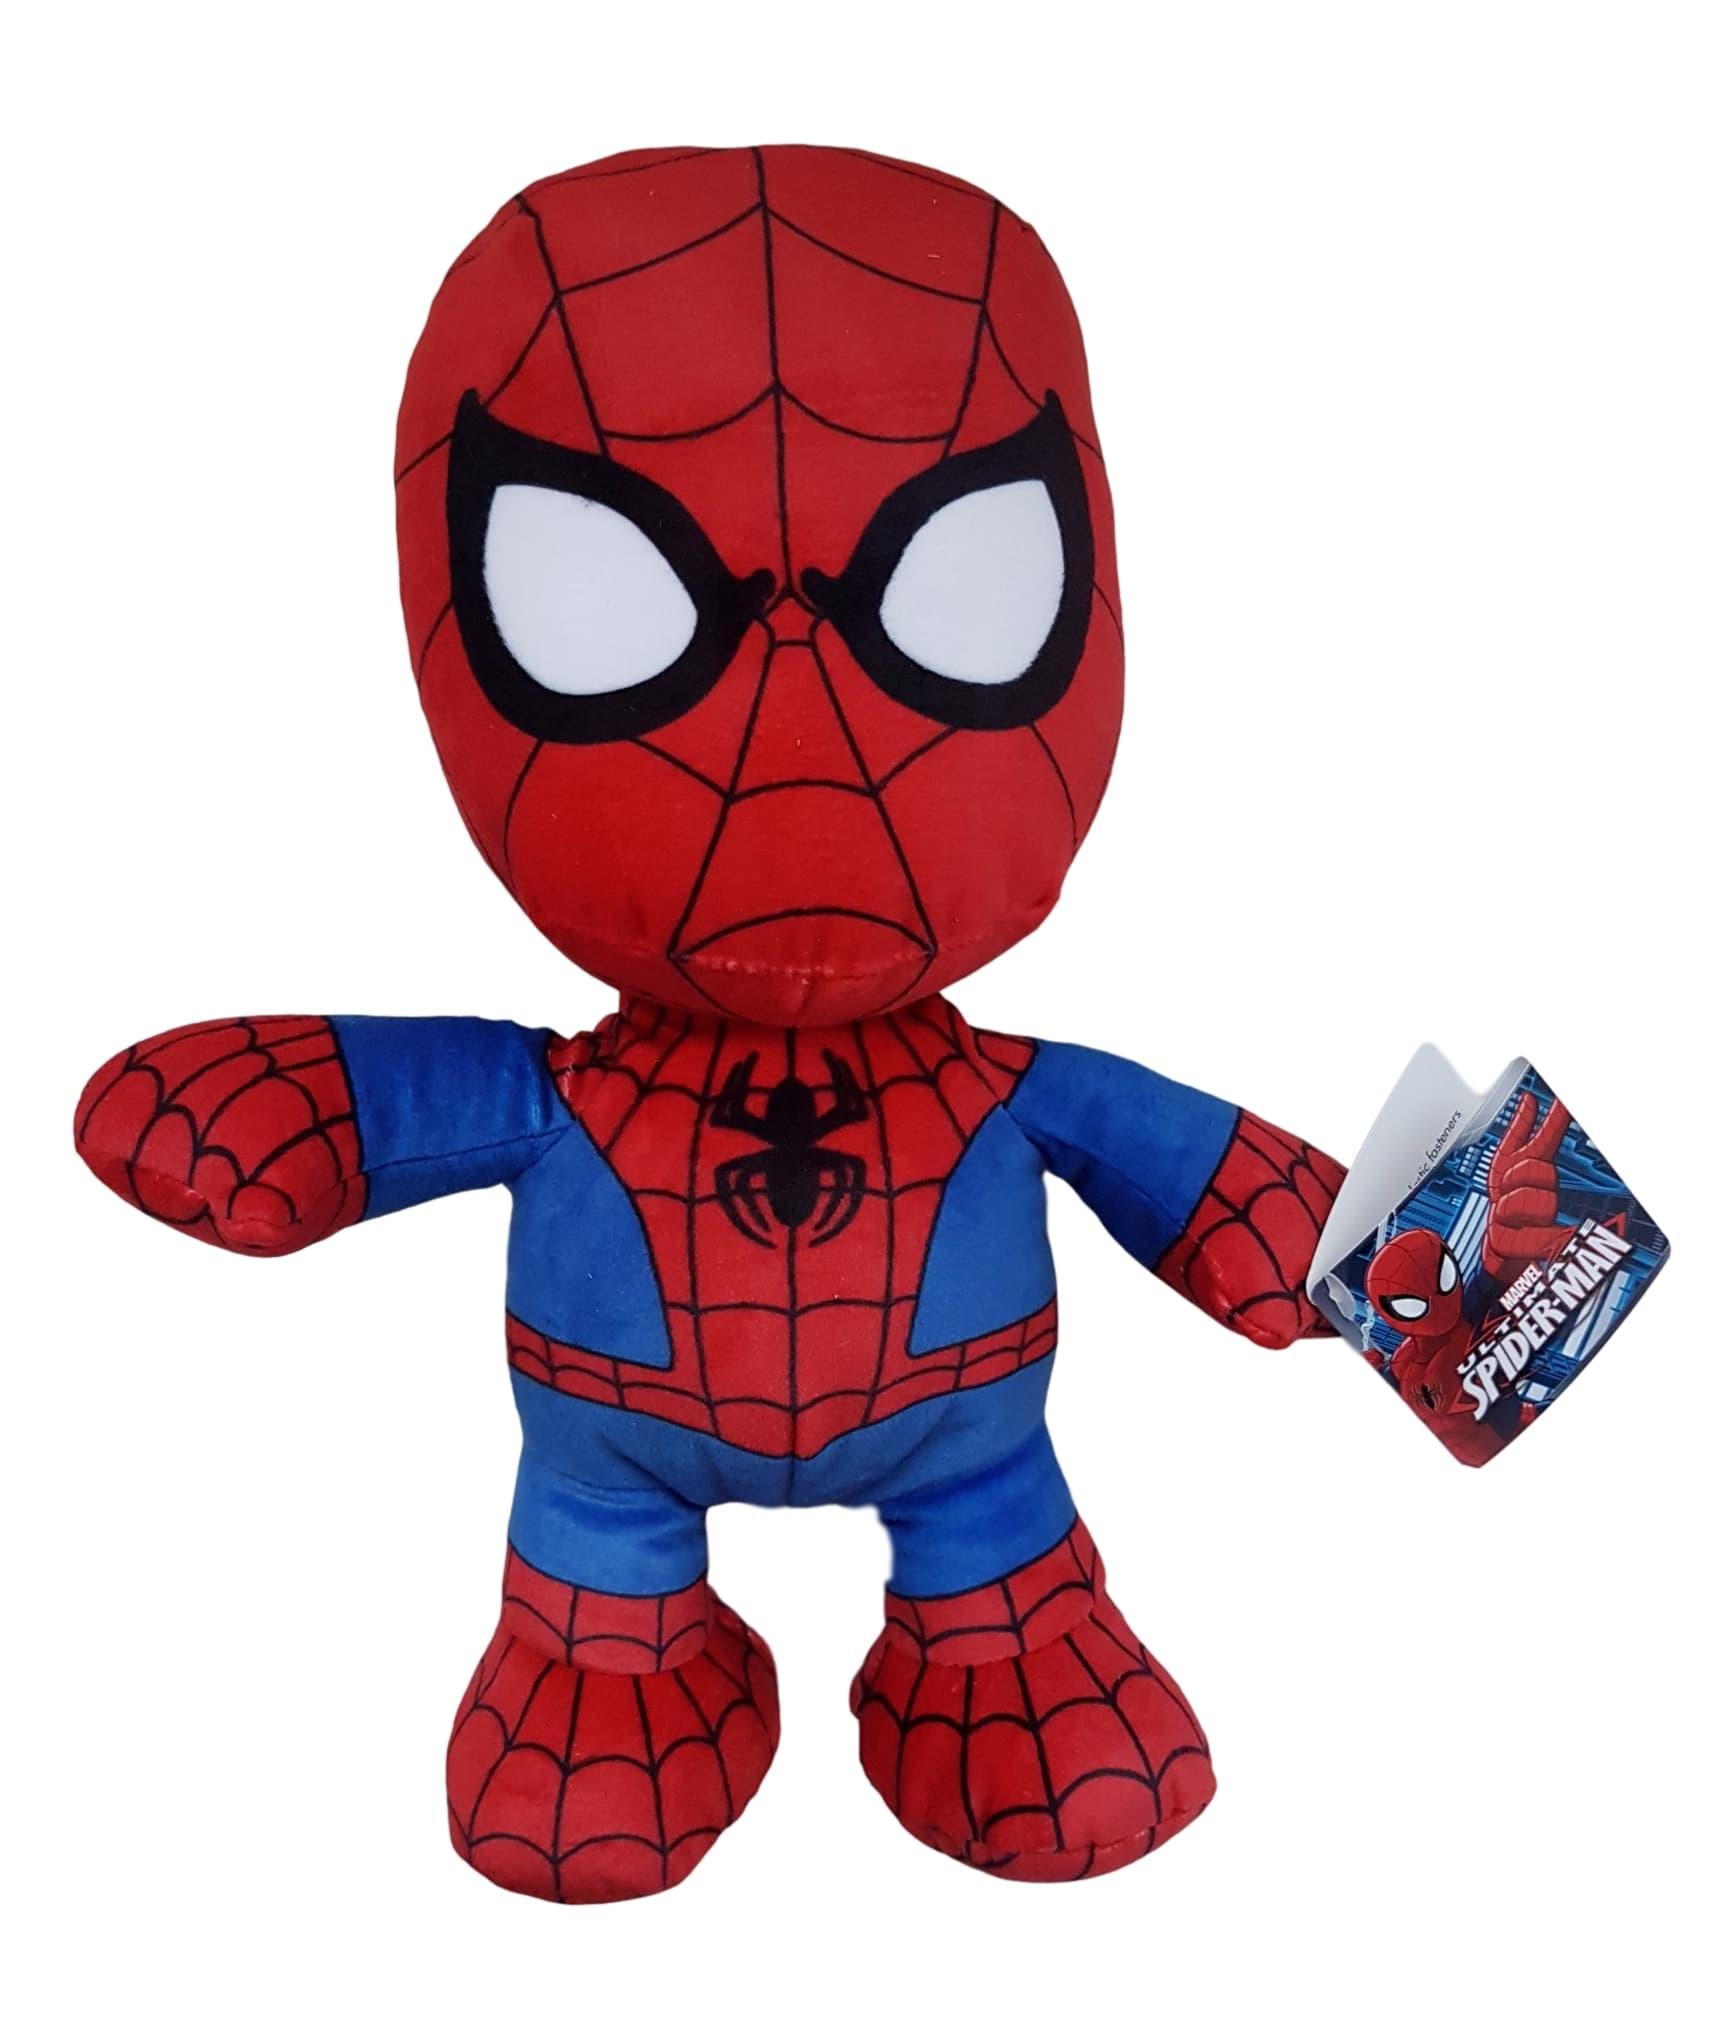 Marvel Medium Spider-Man Talking Plush